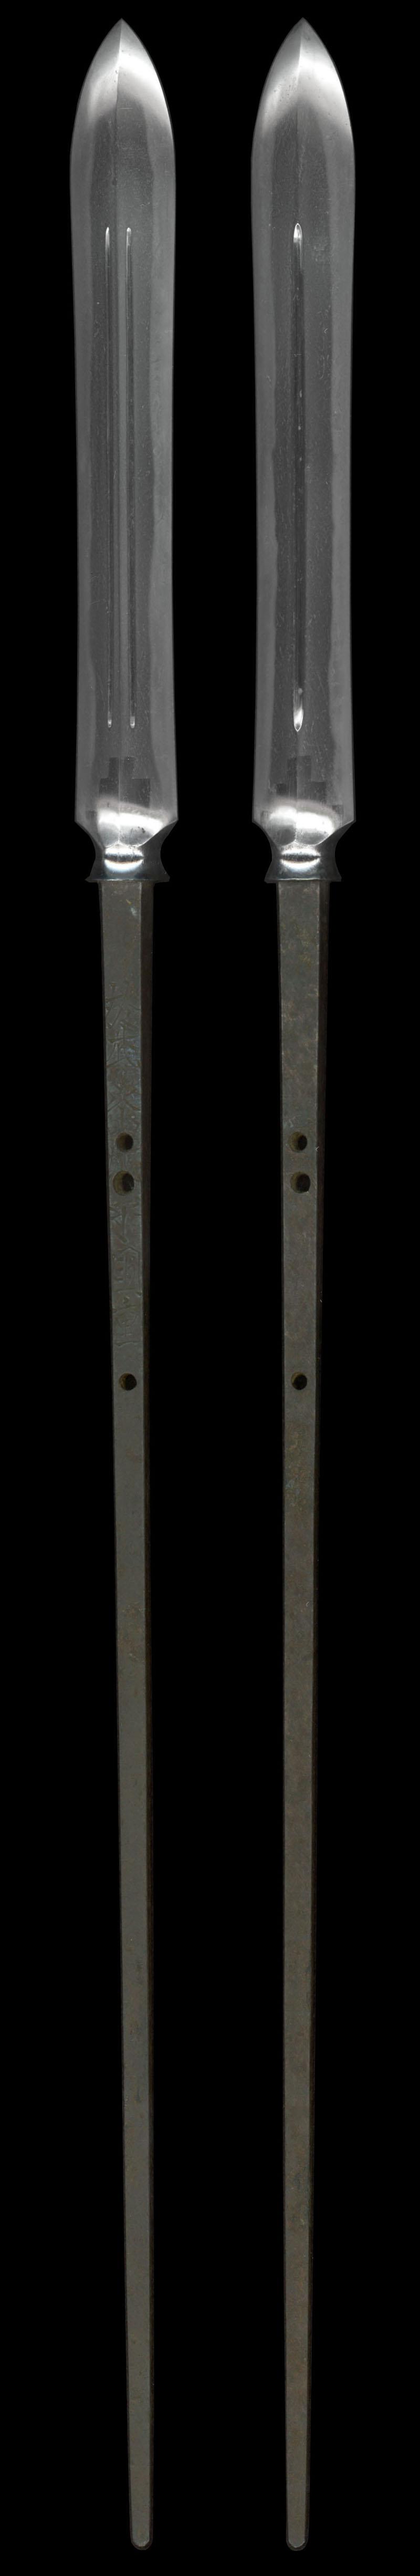 茎9�biˮx��_7cm(六寸一分半) 茎长 35.